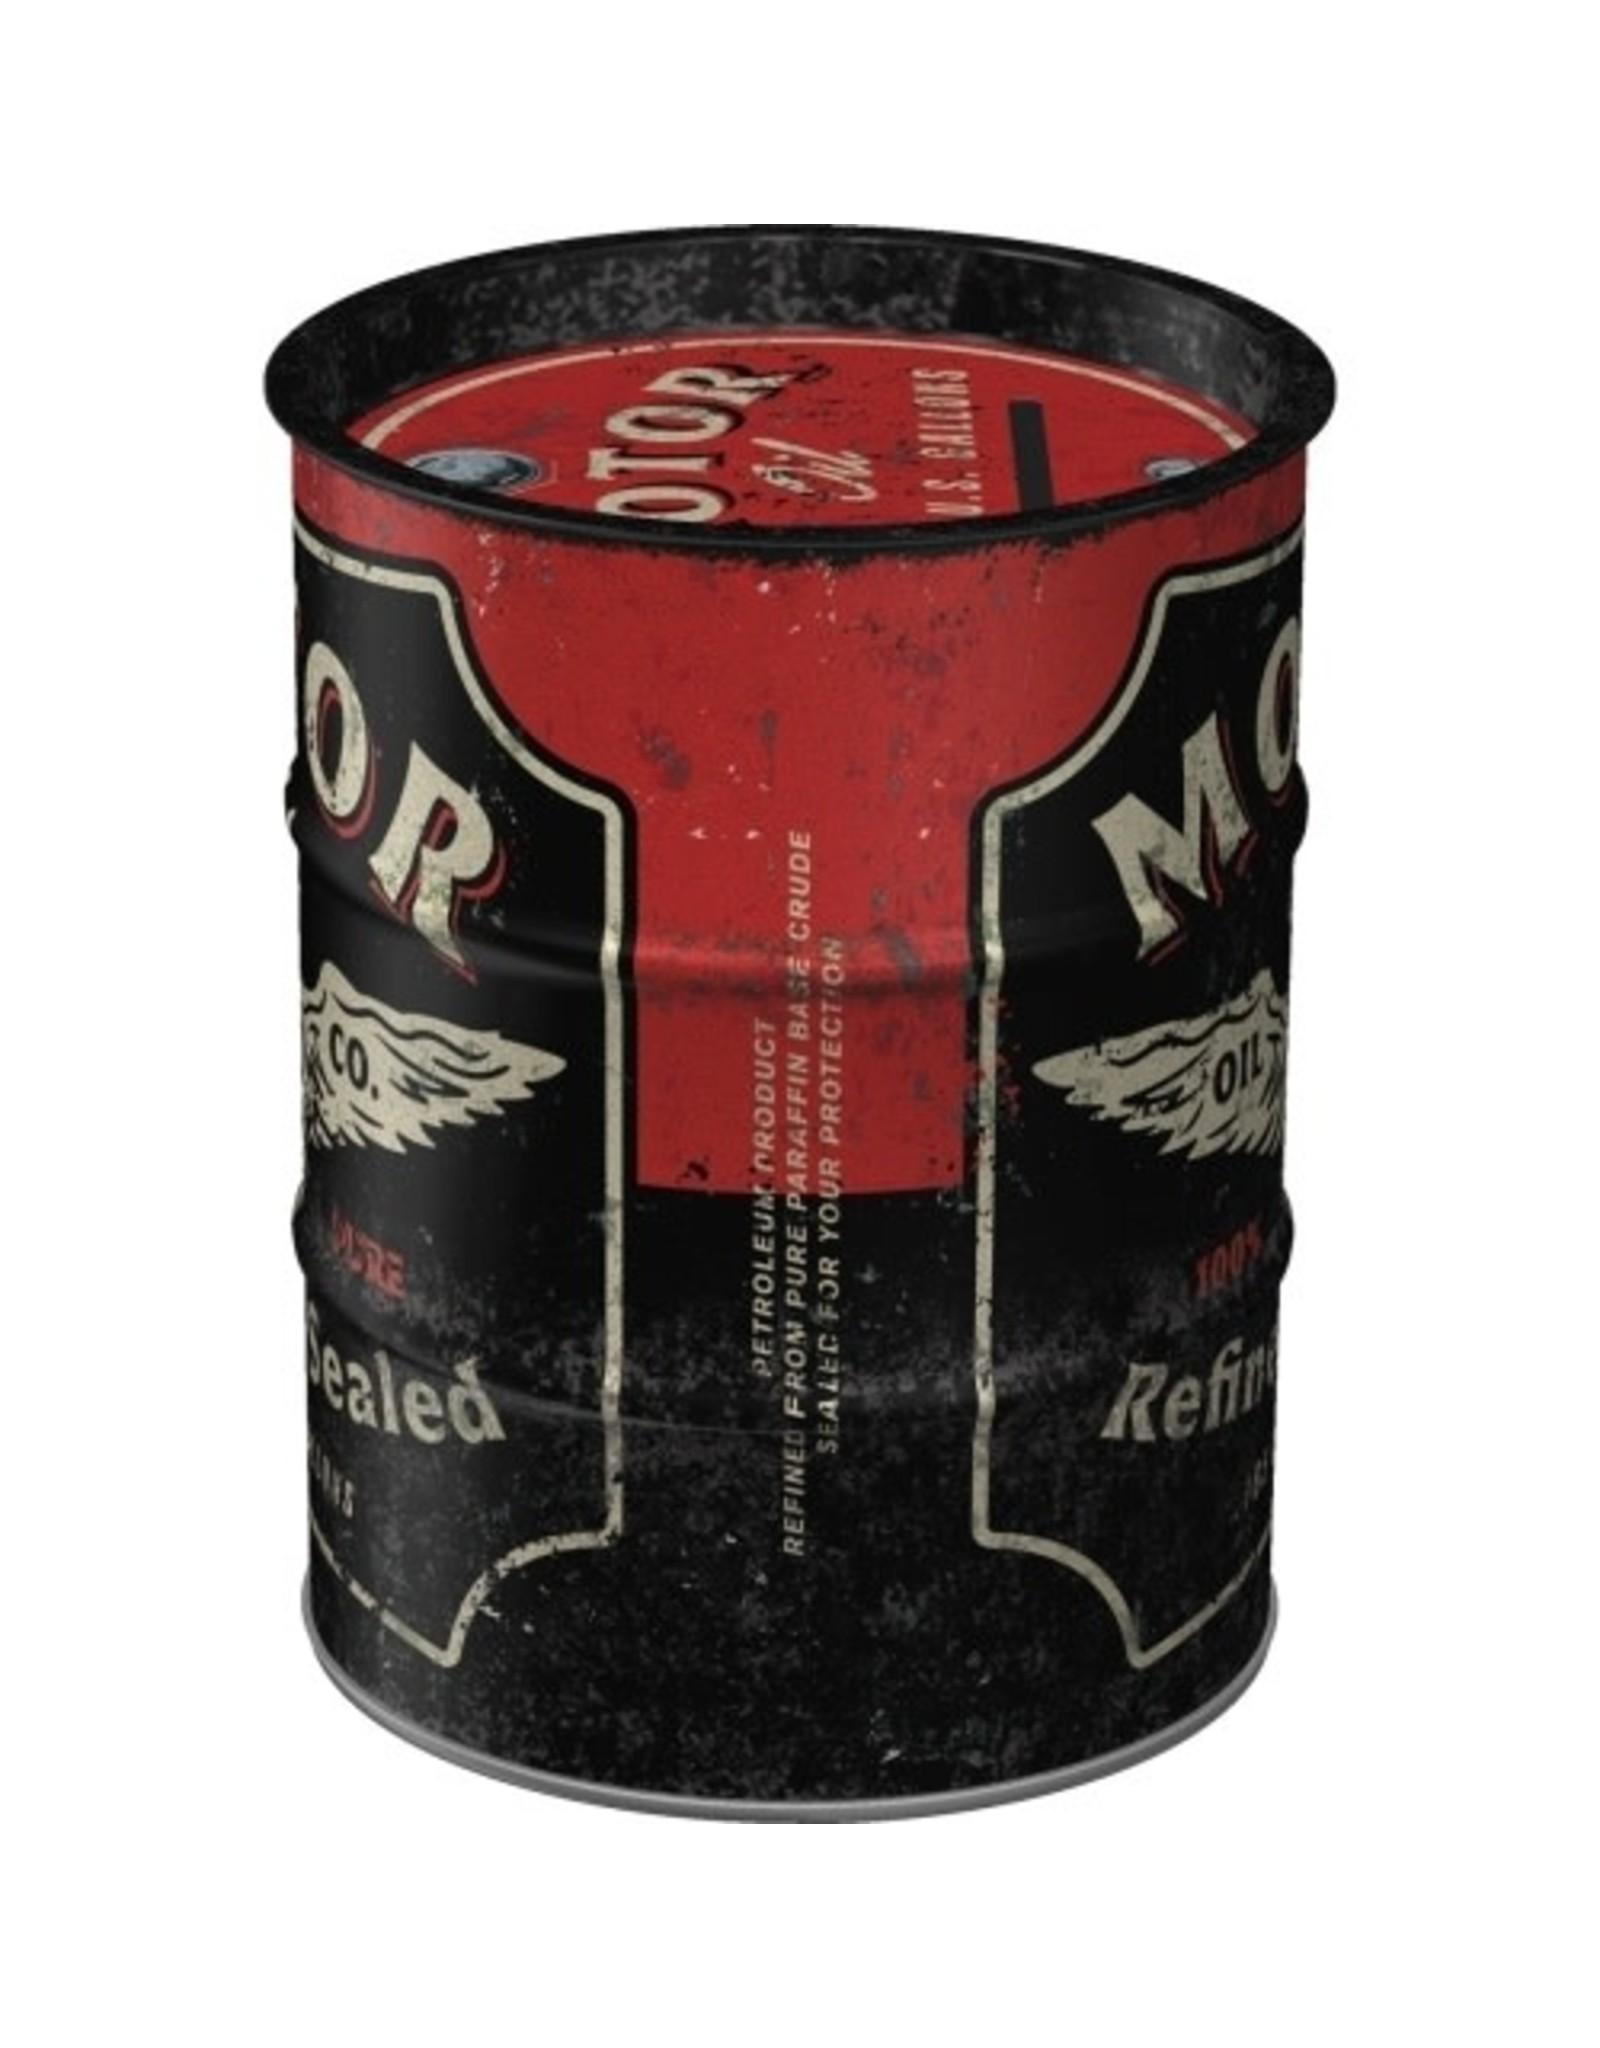 Nostalgic Art moneybox - oil barrel - motor oil